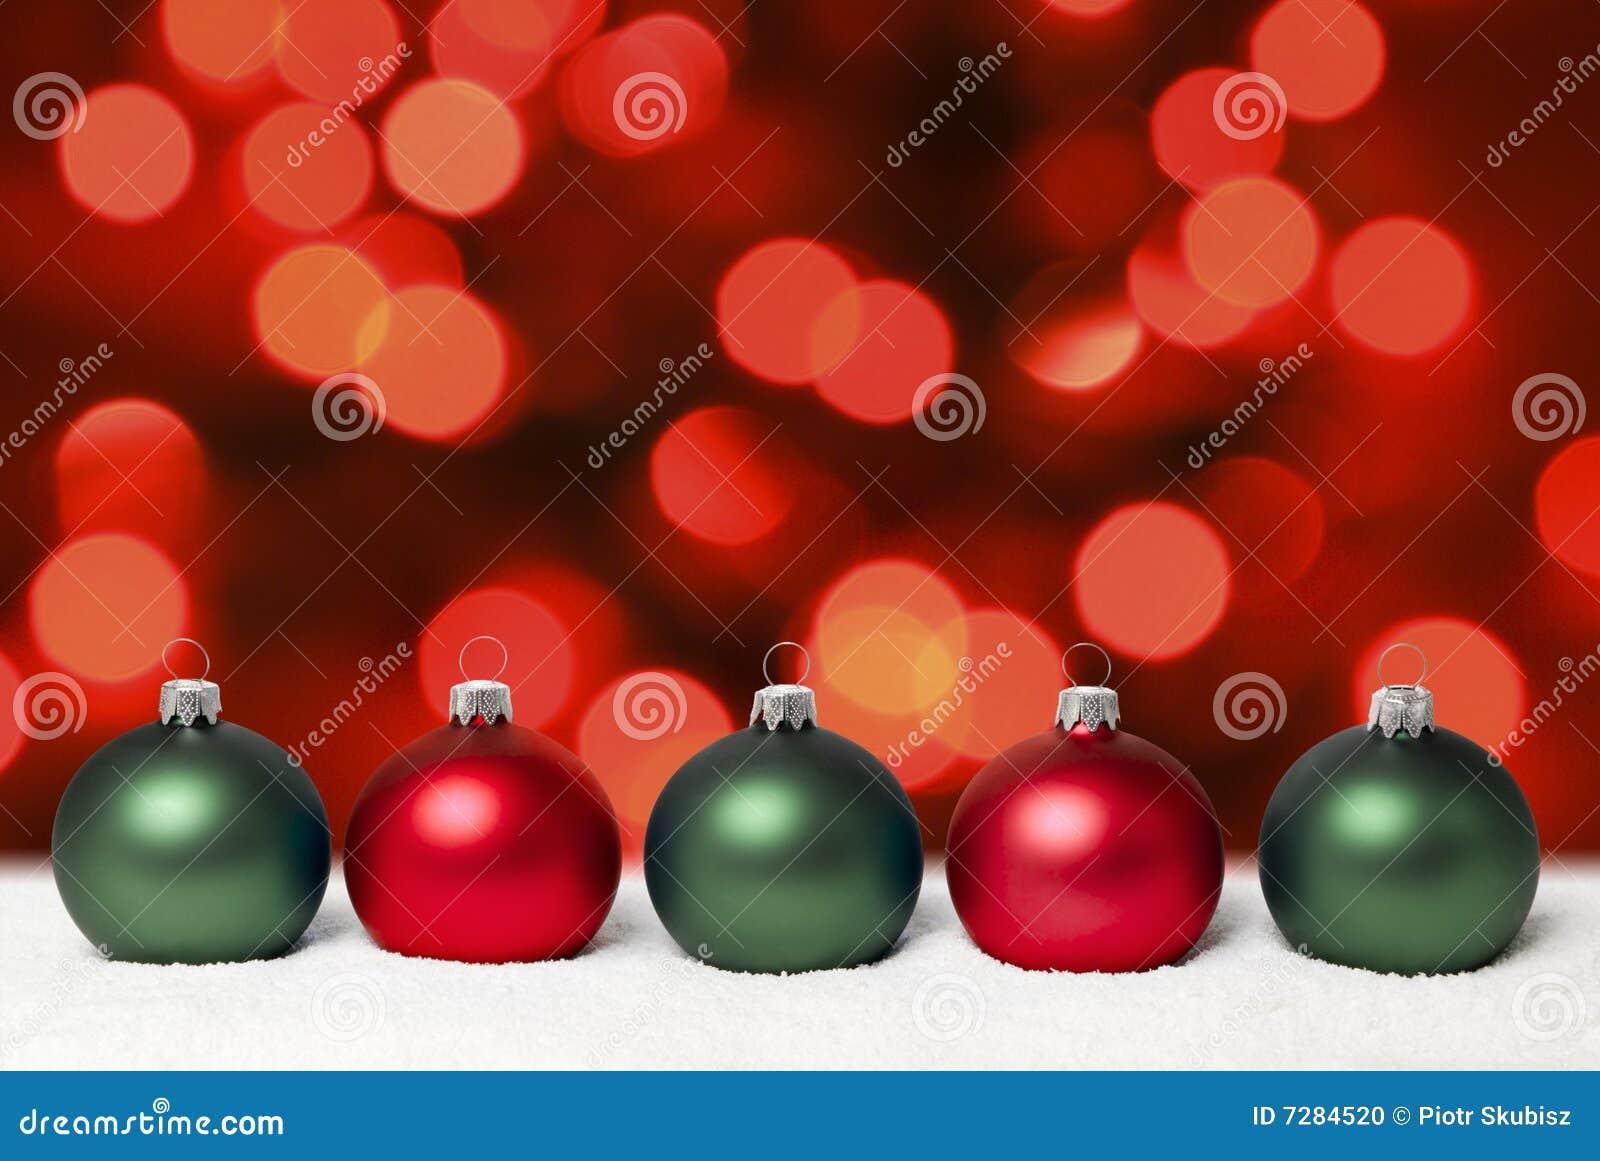 Bolas de la Navidad.